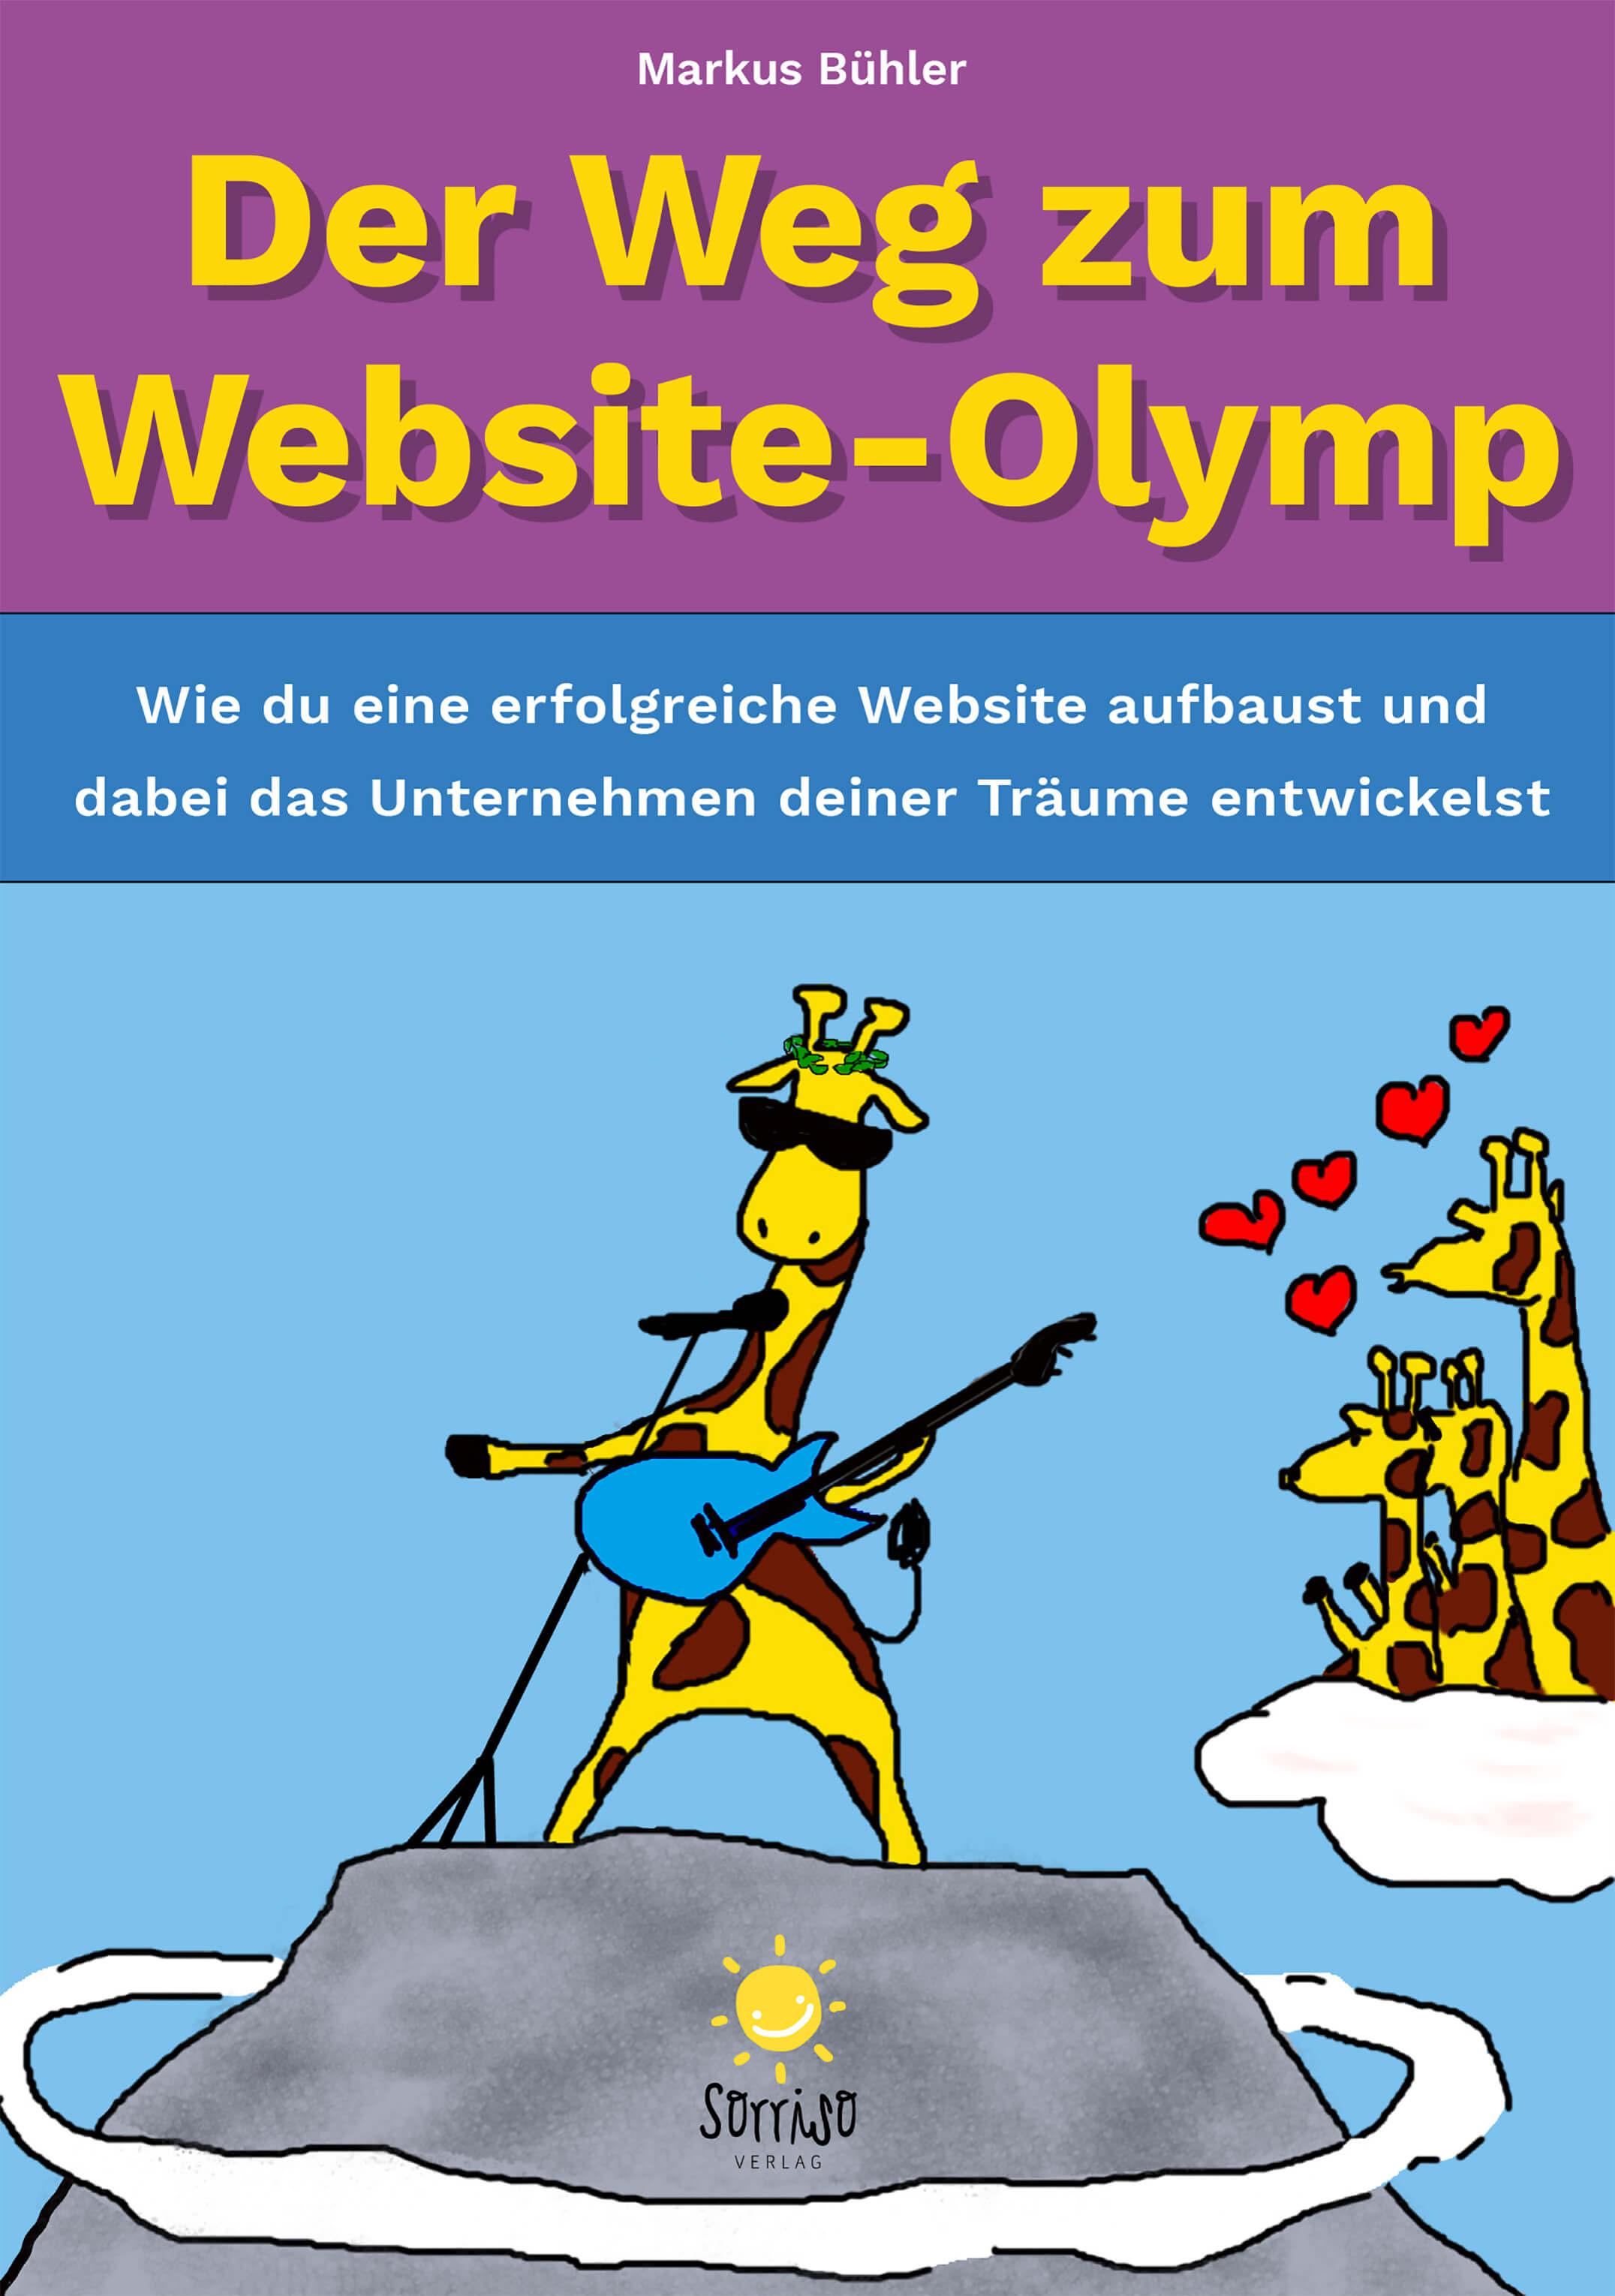 Markus Bühler - Der Weg zum Website Olymp